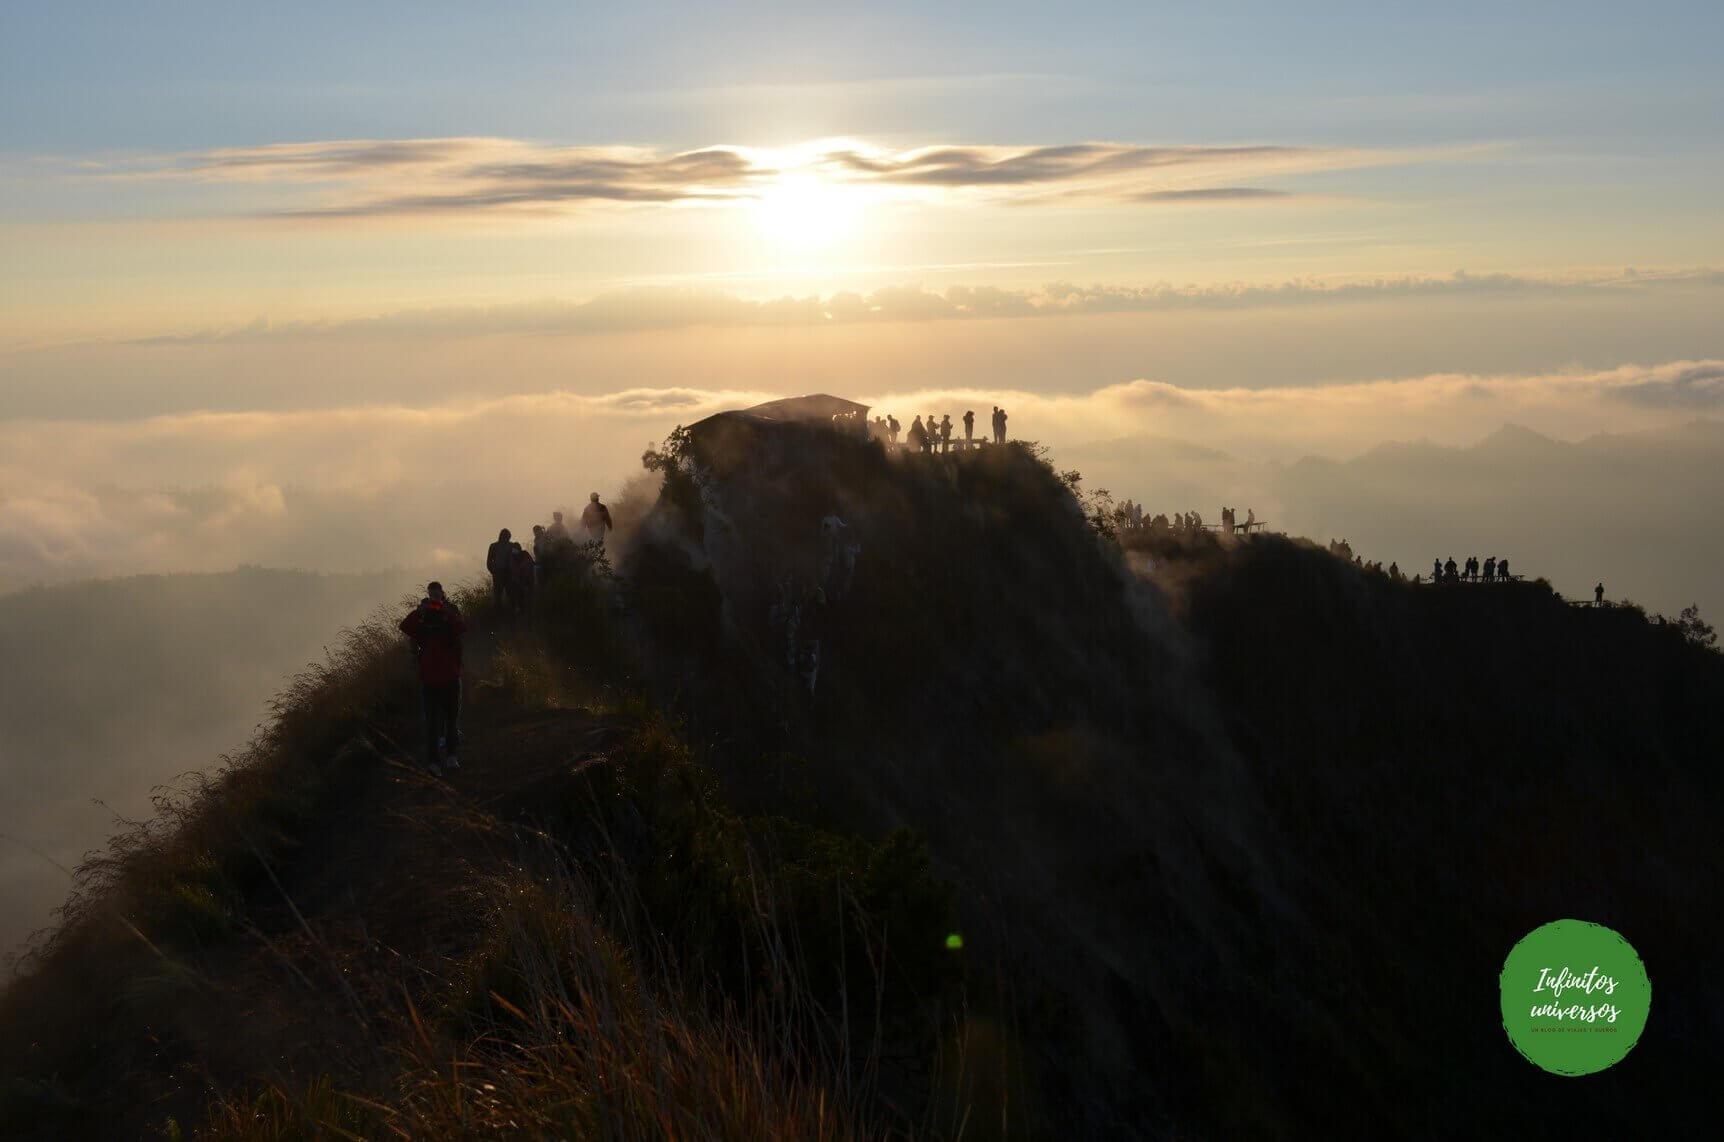 Amanecer en el monte Batur y cascada Kanto Lampo, en Bali (Indonesia)